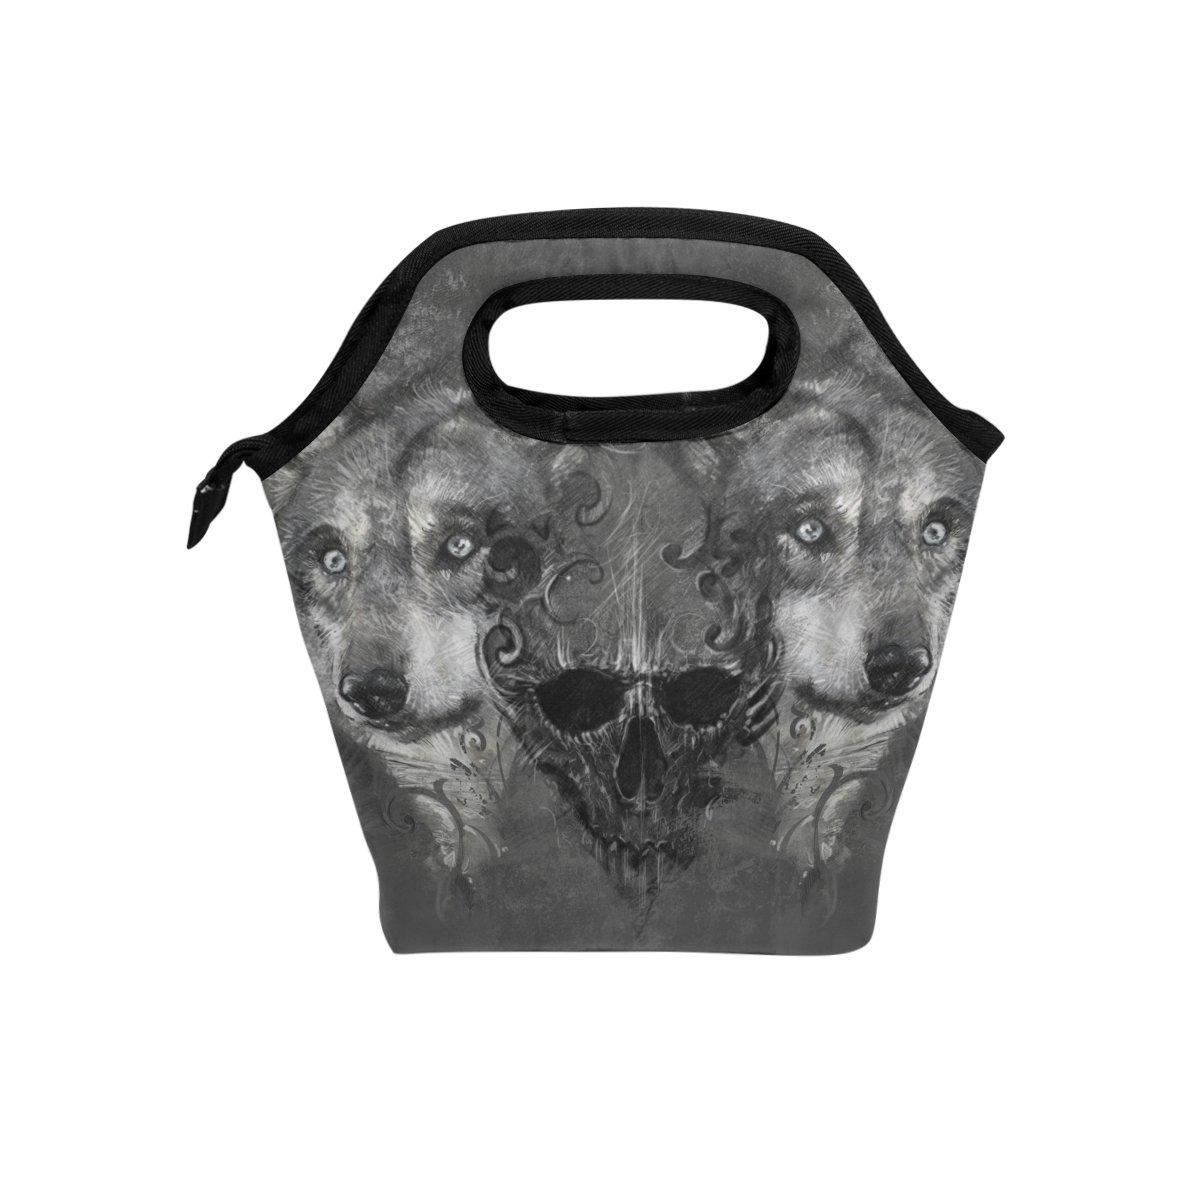 JSTEL - Bolsa de almuerzo con diseño de calavera y lobo, bolsa para el almuerzo, contenedor de alimentos, para viajes, picnic, escuela, oficina